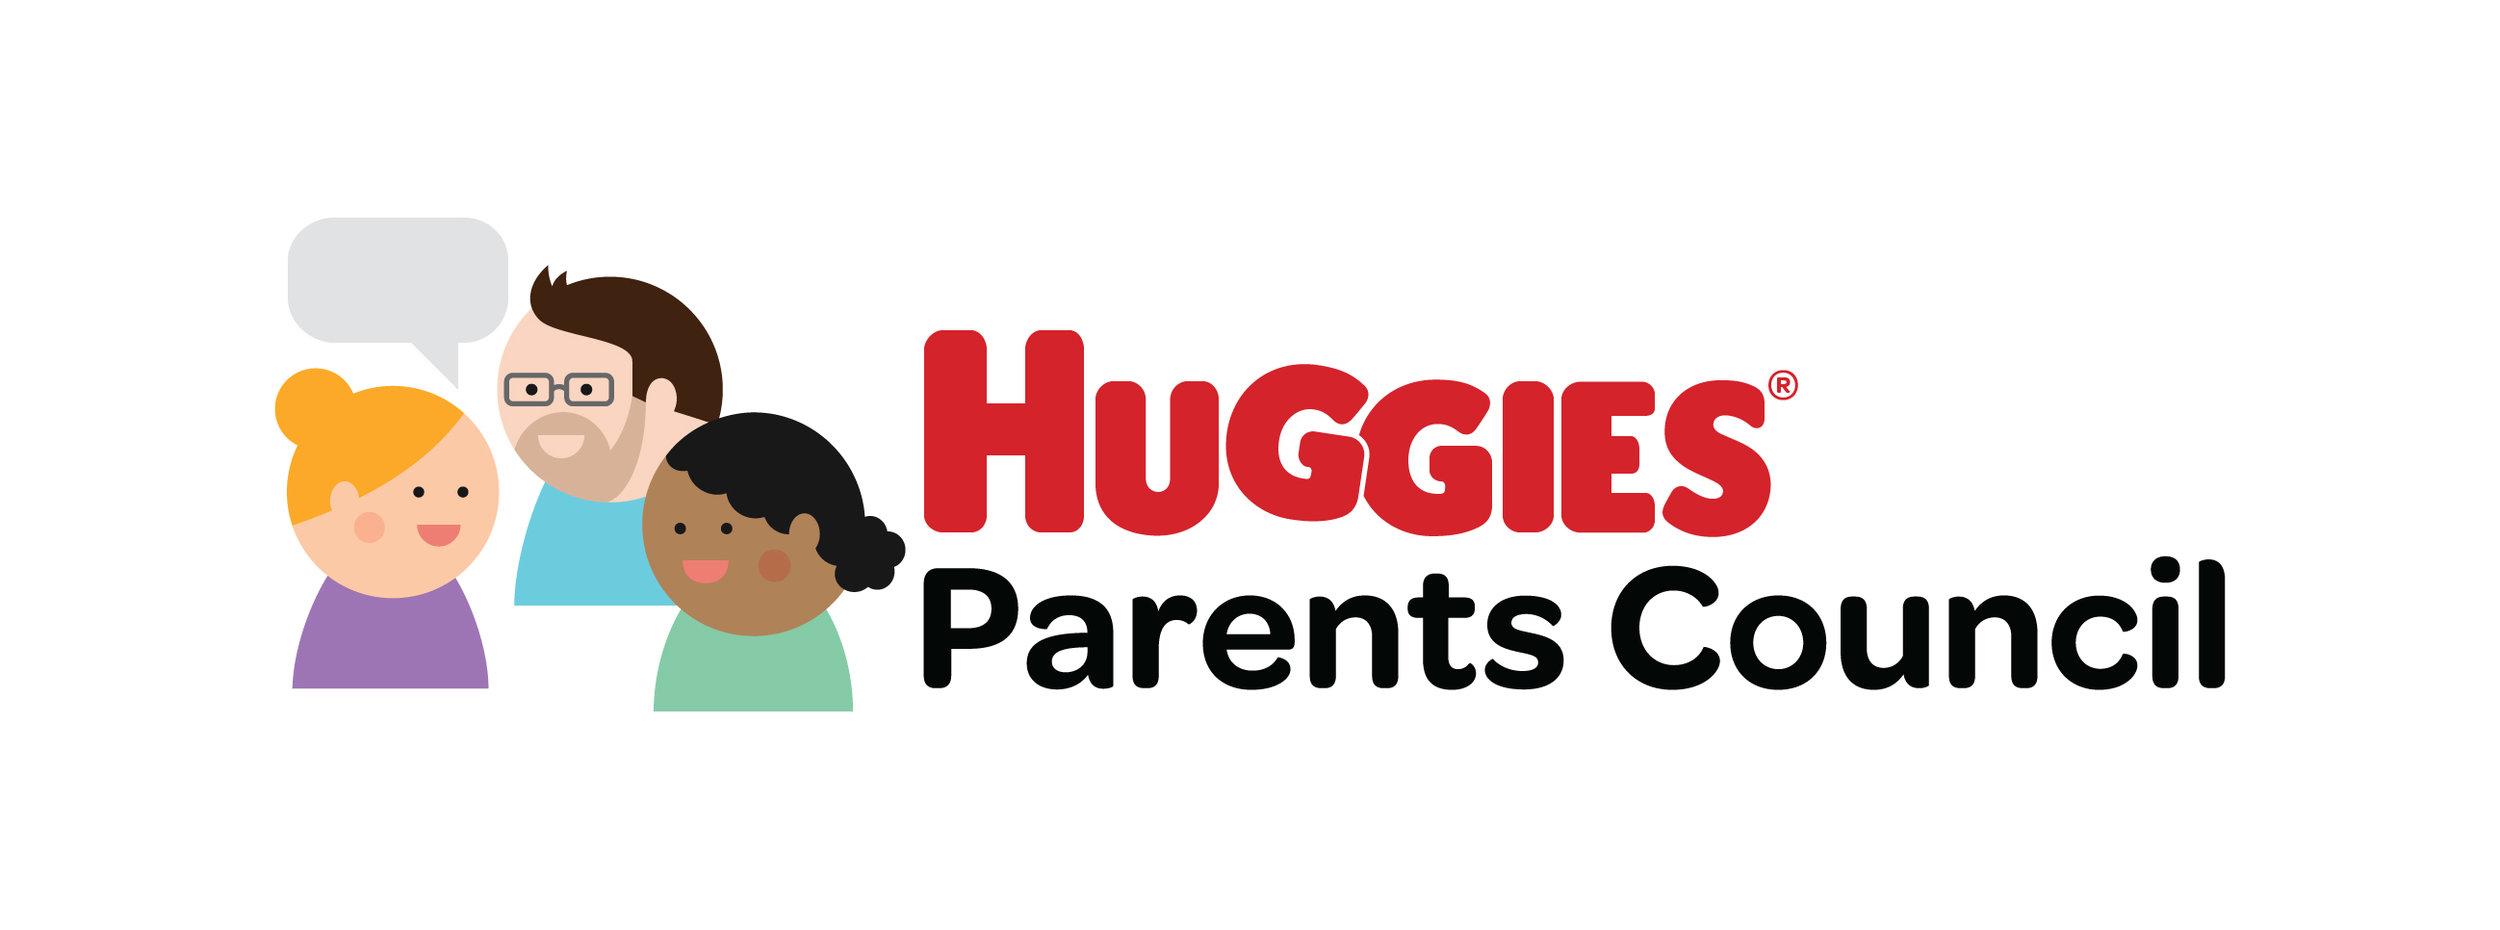 huggies_parents_council_logo_final.jpg